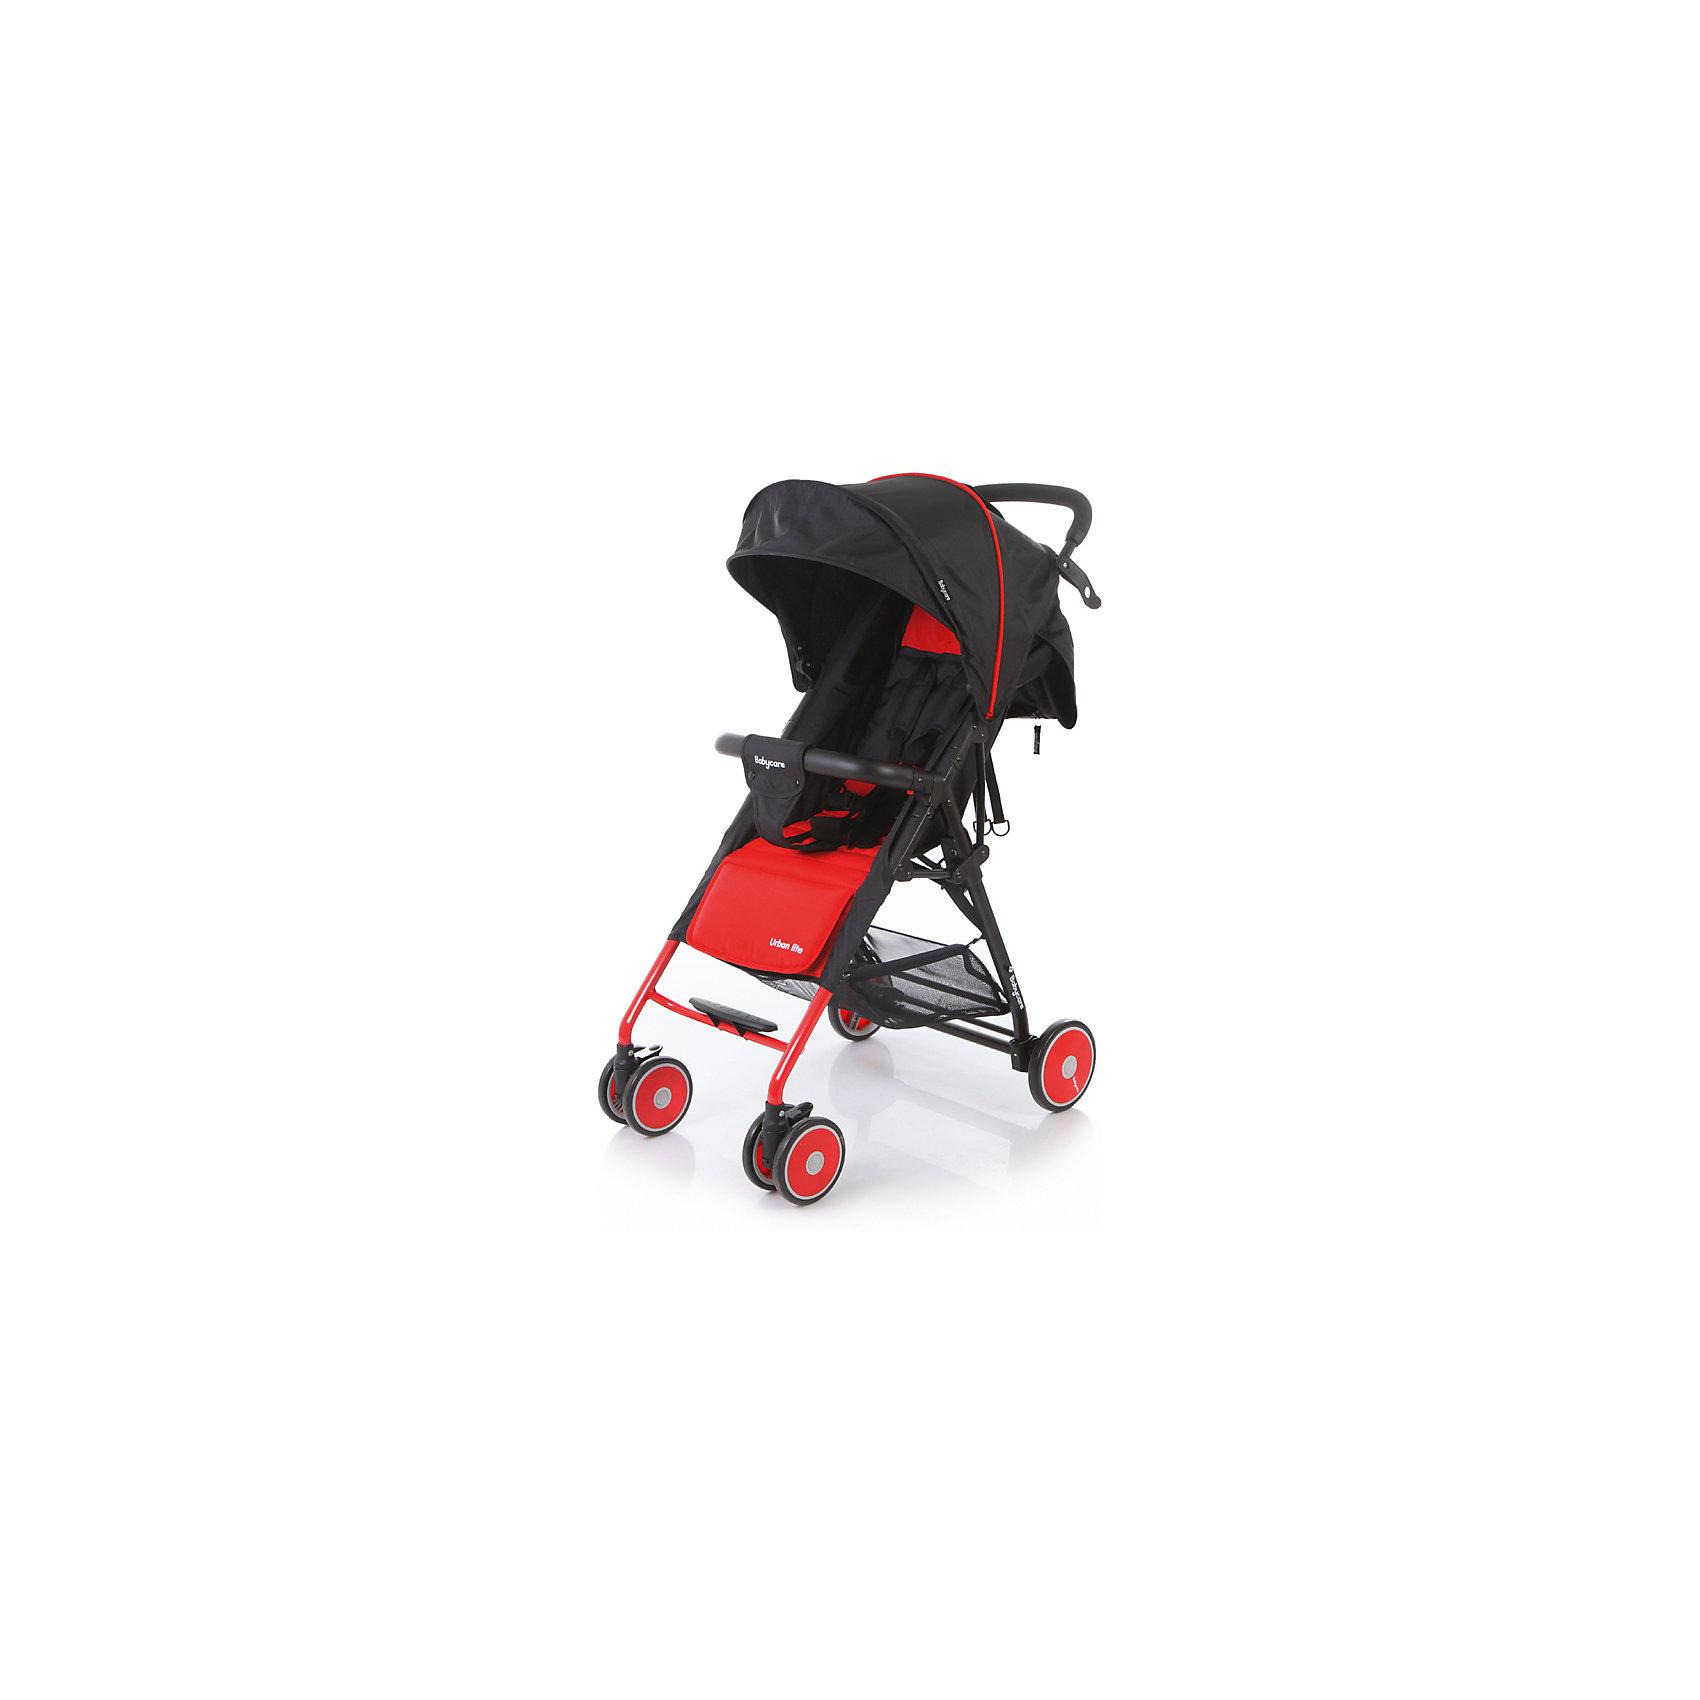 Прогулочная коляска Baby Care Urban Lite, красныйПрогулочные коляски<br>Характеристики коляски Baby Care Urban Lite:<br><br>• плавно регулируемый наклон спинки при помощи ременного механизма;<br>• складной капюшон с солнцезащитным козырьком;<br>• смотровое окошко для наблюдения за ребенком;<br>• задняя часть капюшона открывается для вентиляции воздуха;<br>• съемный бампер с дополнительным разделителем между ножек;<br>• регулируемая при помощи ремня подножка;<br>• ручка родителей с мягкой нескользящей накладкой;<br>• 5-ти точечные ремни безопасности с мягкими накладками;<br>• ширина сидения 33,5 см;<br>• материал: полиэстер.<br><br>Прогулочная коляска Baby Care Urban Lite — легкая маневренная коляска для прогулок по городу, поездок на природу и путешествия. Просторное сидение, откидывающая спинка и регулируемая подножка обеспечивают малышу максимально комфортную прогулку. Коляска компактно складывается, не занимает много места, ее можно перевозить в багажнике автомобиля. <br><br>Шасси коляски:<br><br>• легкая алюминиевая рама;<br>• передние поворотные колеса сдвоенные, с возможностью фиксации;<br>• задние колеса одинарные;<br>• диаметр передних колес 13 см, задних — 15,3 см;<br>• ширина колесной базы 51 см;<br>• амортизаторы на передних колесах для смягчения хода;<br>• ножной тормоз;<br>• тип складывания «книжка»;<br>• устойчива в сложенном виде;<br>• корзина для покупок размером 40х34х14 см.<br><br>Размер коляски в разложенном виде 87х51х103 см<br>Размер коляски в сложенном виде 67х51х25 см<br>Вес коляски 5,4 кг<br>Размер упаковки 66х46х18 см<br>Вес в упаковке 6,2 кг<br><br>Комплектация:<br><br>• прогулочный блок<br>• корзина для покупок;<br>• чехол на ножки;<br>• инструкция.<br><br>Прогулочную коляску Baby Care Urban Lite красную можно приобрести в нашем интернет-магазине.<br><br>Ширина мм: 660<br>Глубина мм: 460<br>Высота мм: 180<br>Вес г: 6200<br>Возраст от месяцев: 6<br>Возраст до месяцев: 36<br>Пол: Унисекс<br>Возраст: Детский<br>SKU: 5493334